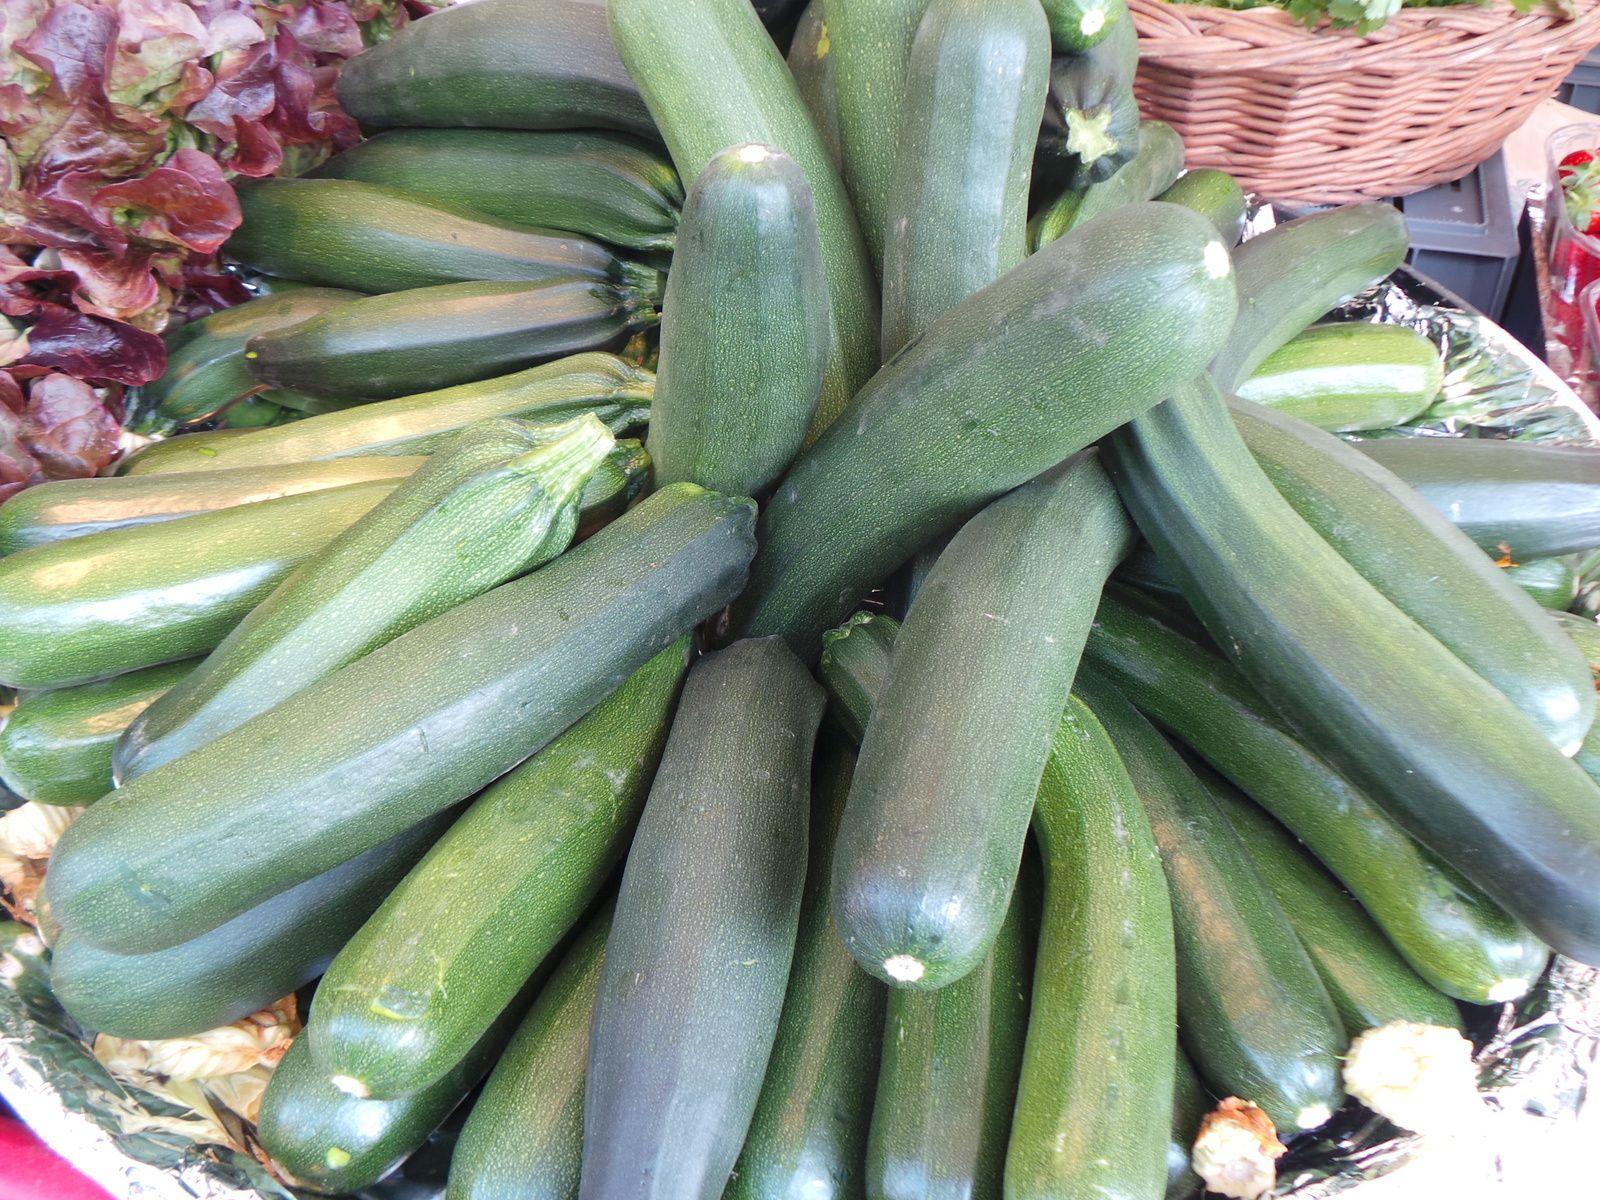 Purée de légumes des régimes &quot&#x3B;sans&quot&#x3B;